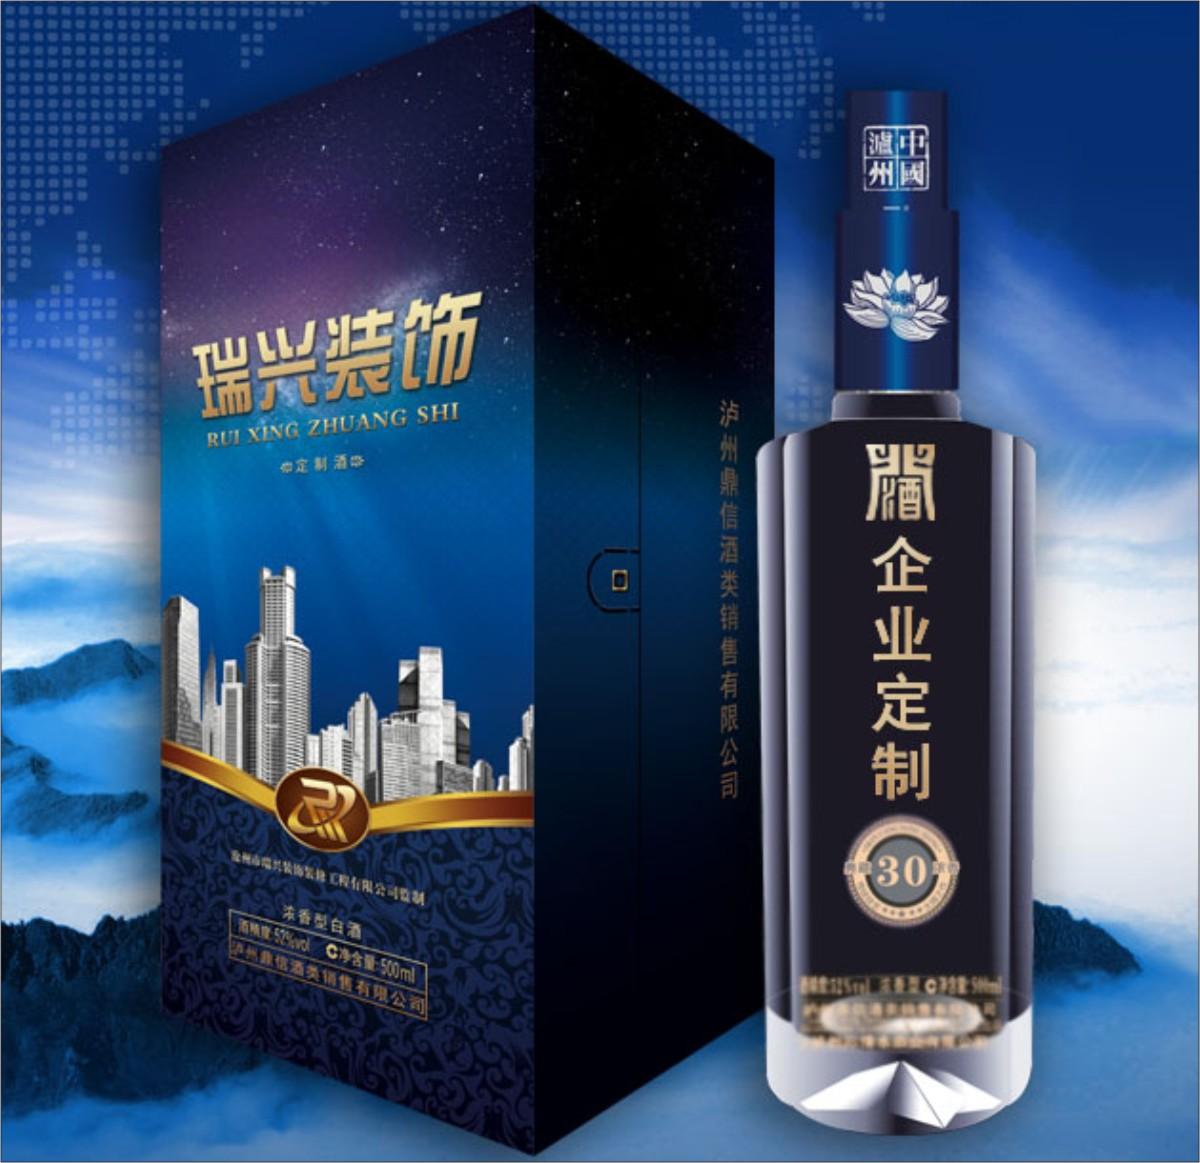 企业高端定制酒07